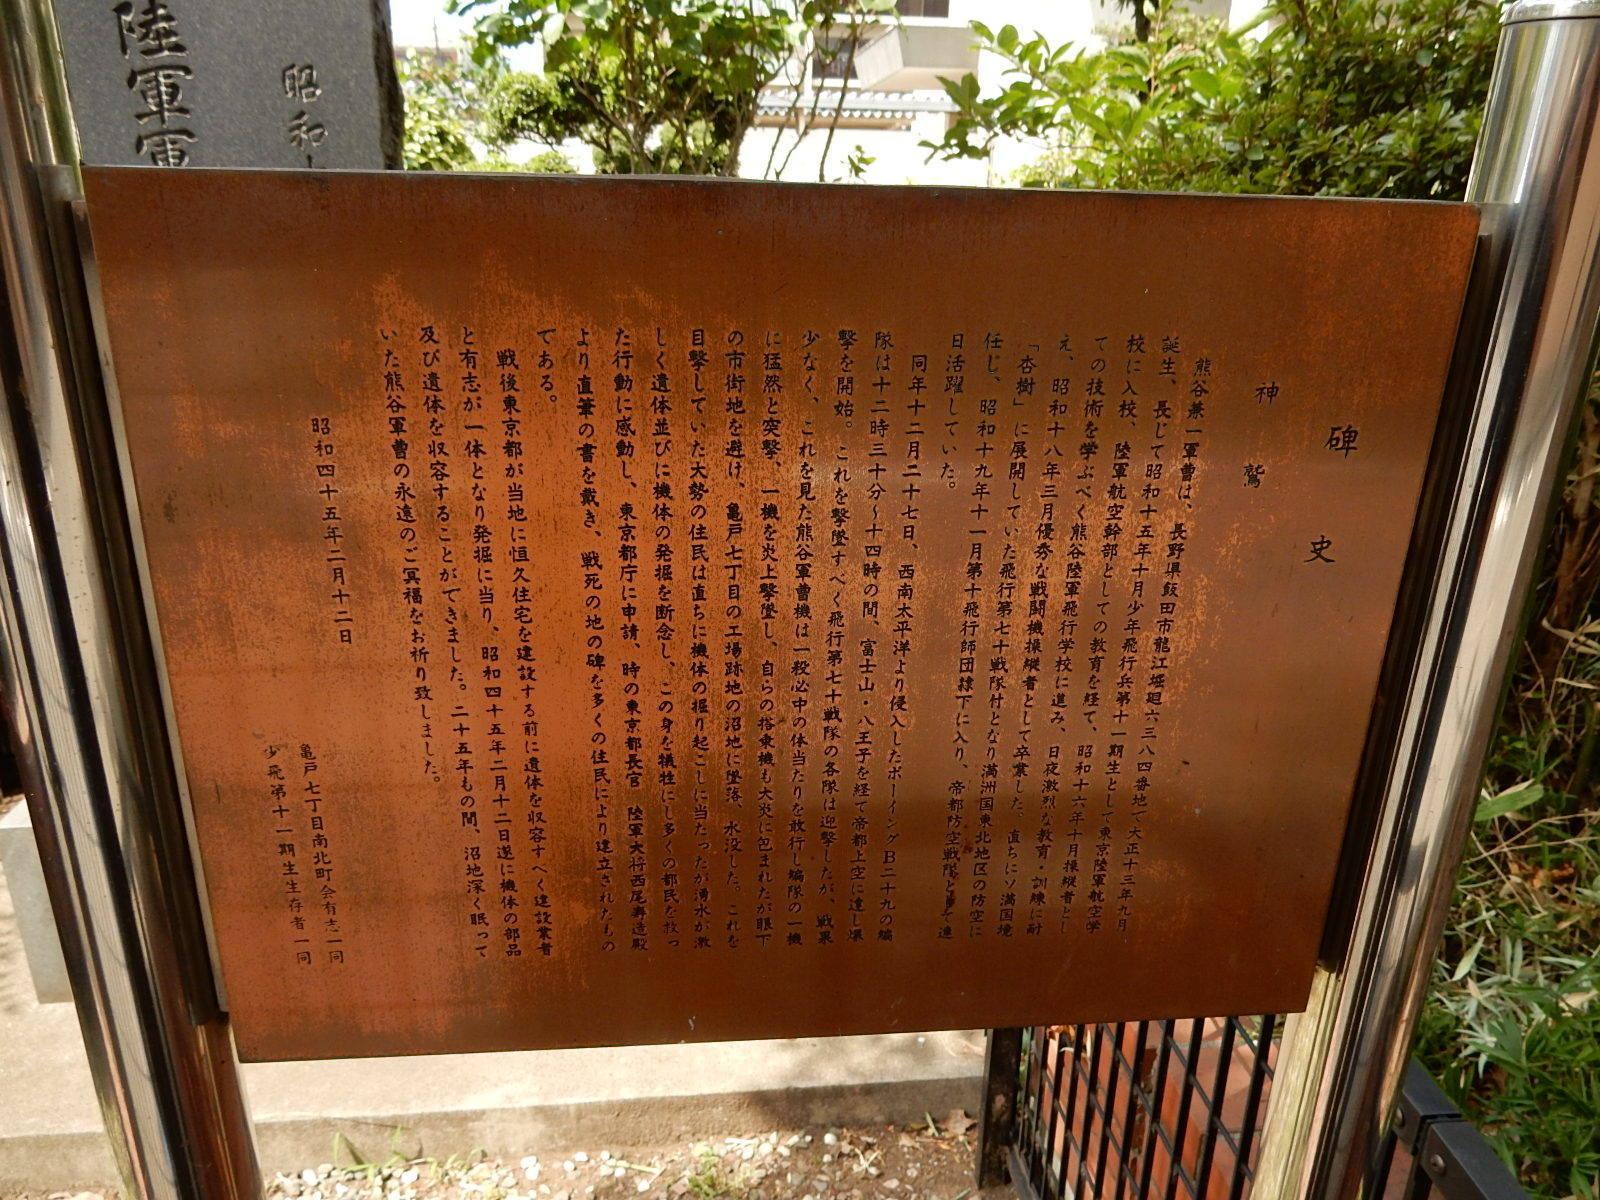 陸軍軍曹熊谷兼一戰死之地の碑説明文